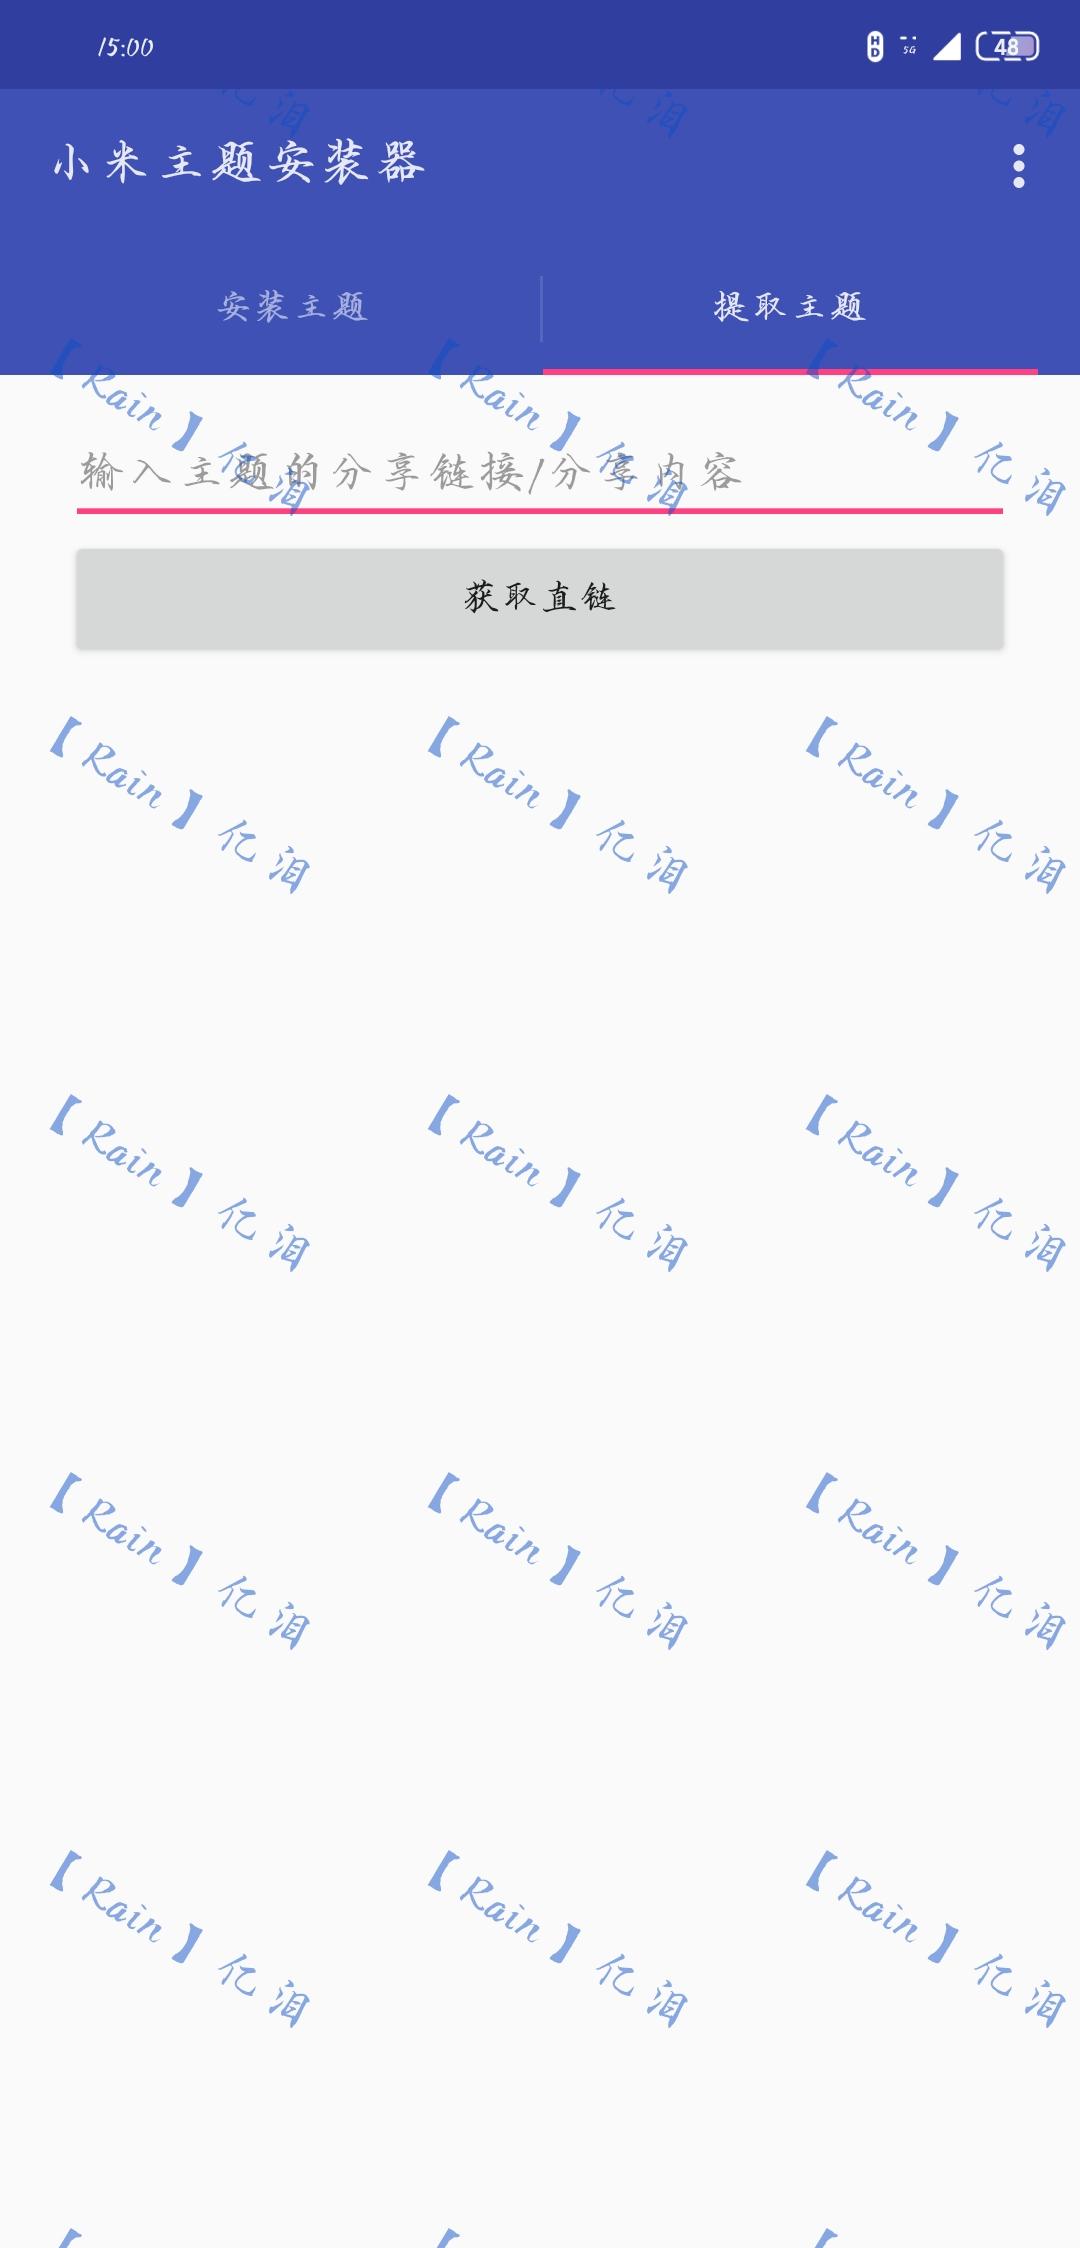 【软件分享】小米主题安装器 (免root一键导入,提取直链)-爱小助